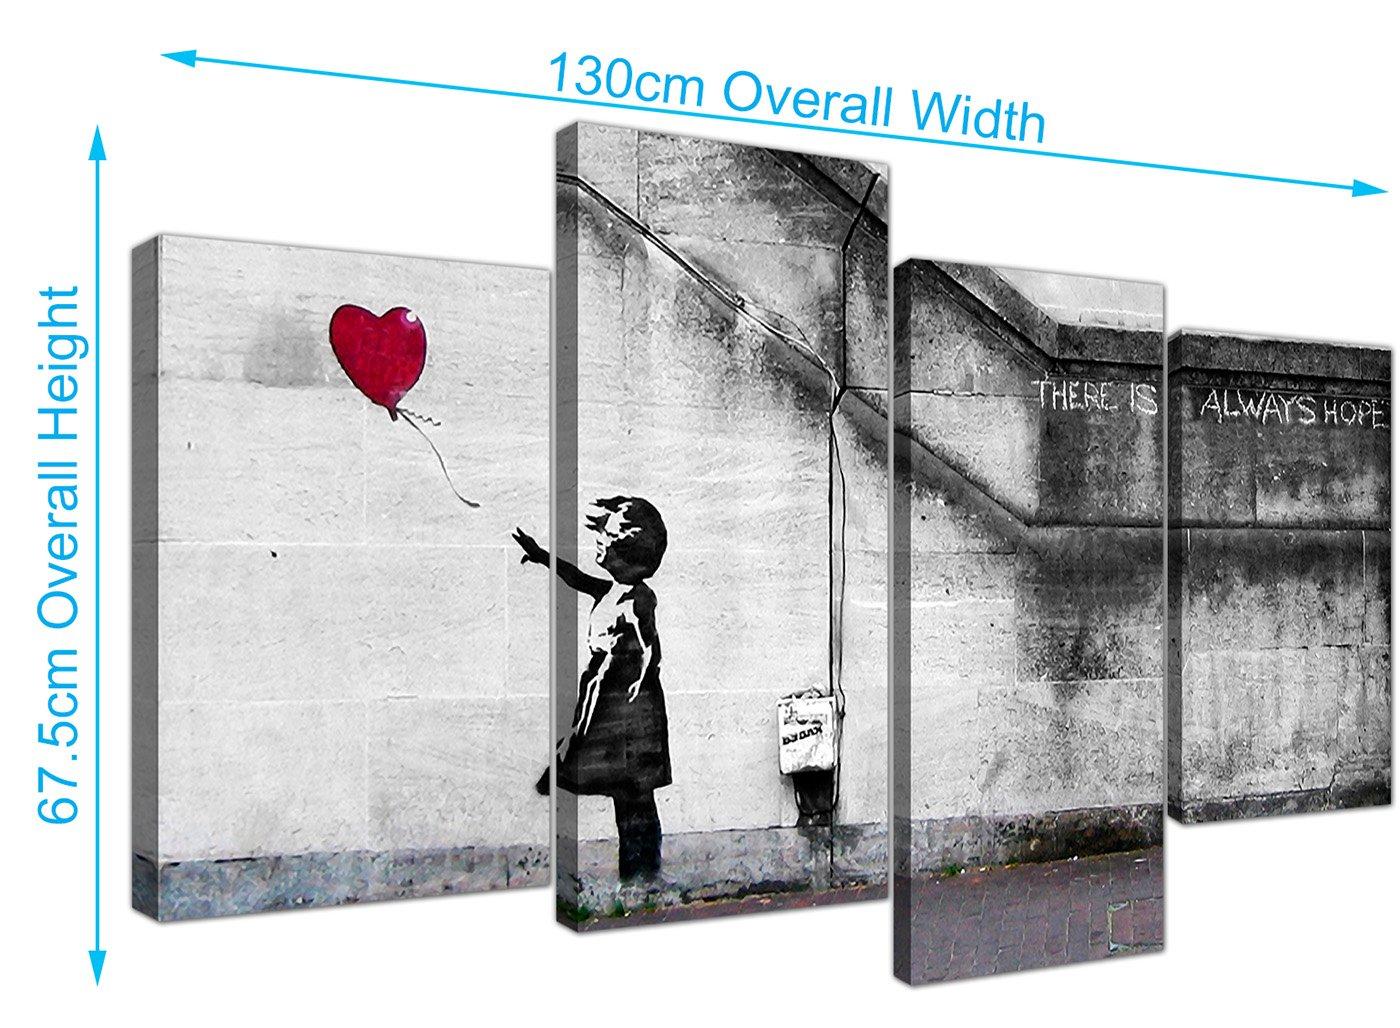 Wallfillers Extra Grande Banksy lienzo (130 cm), diseño del chica ...